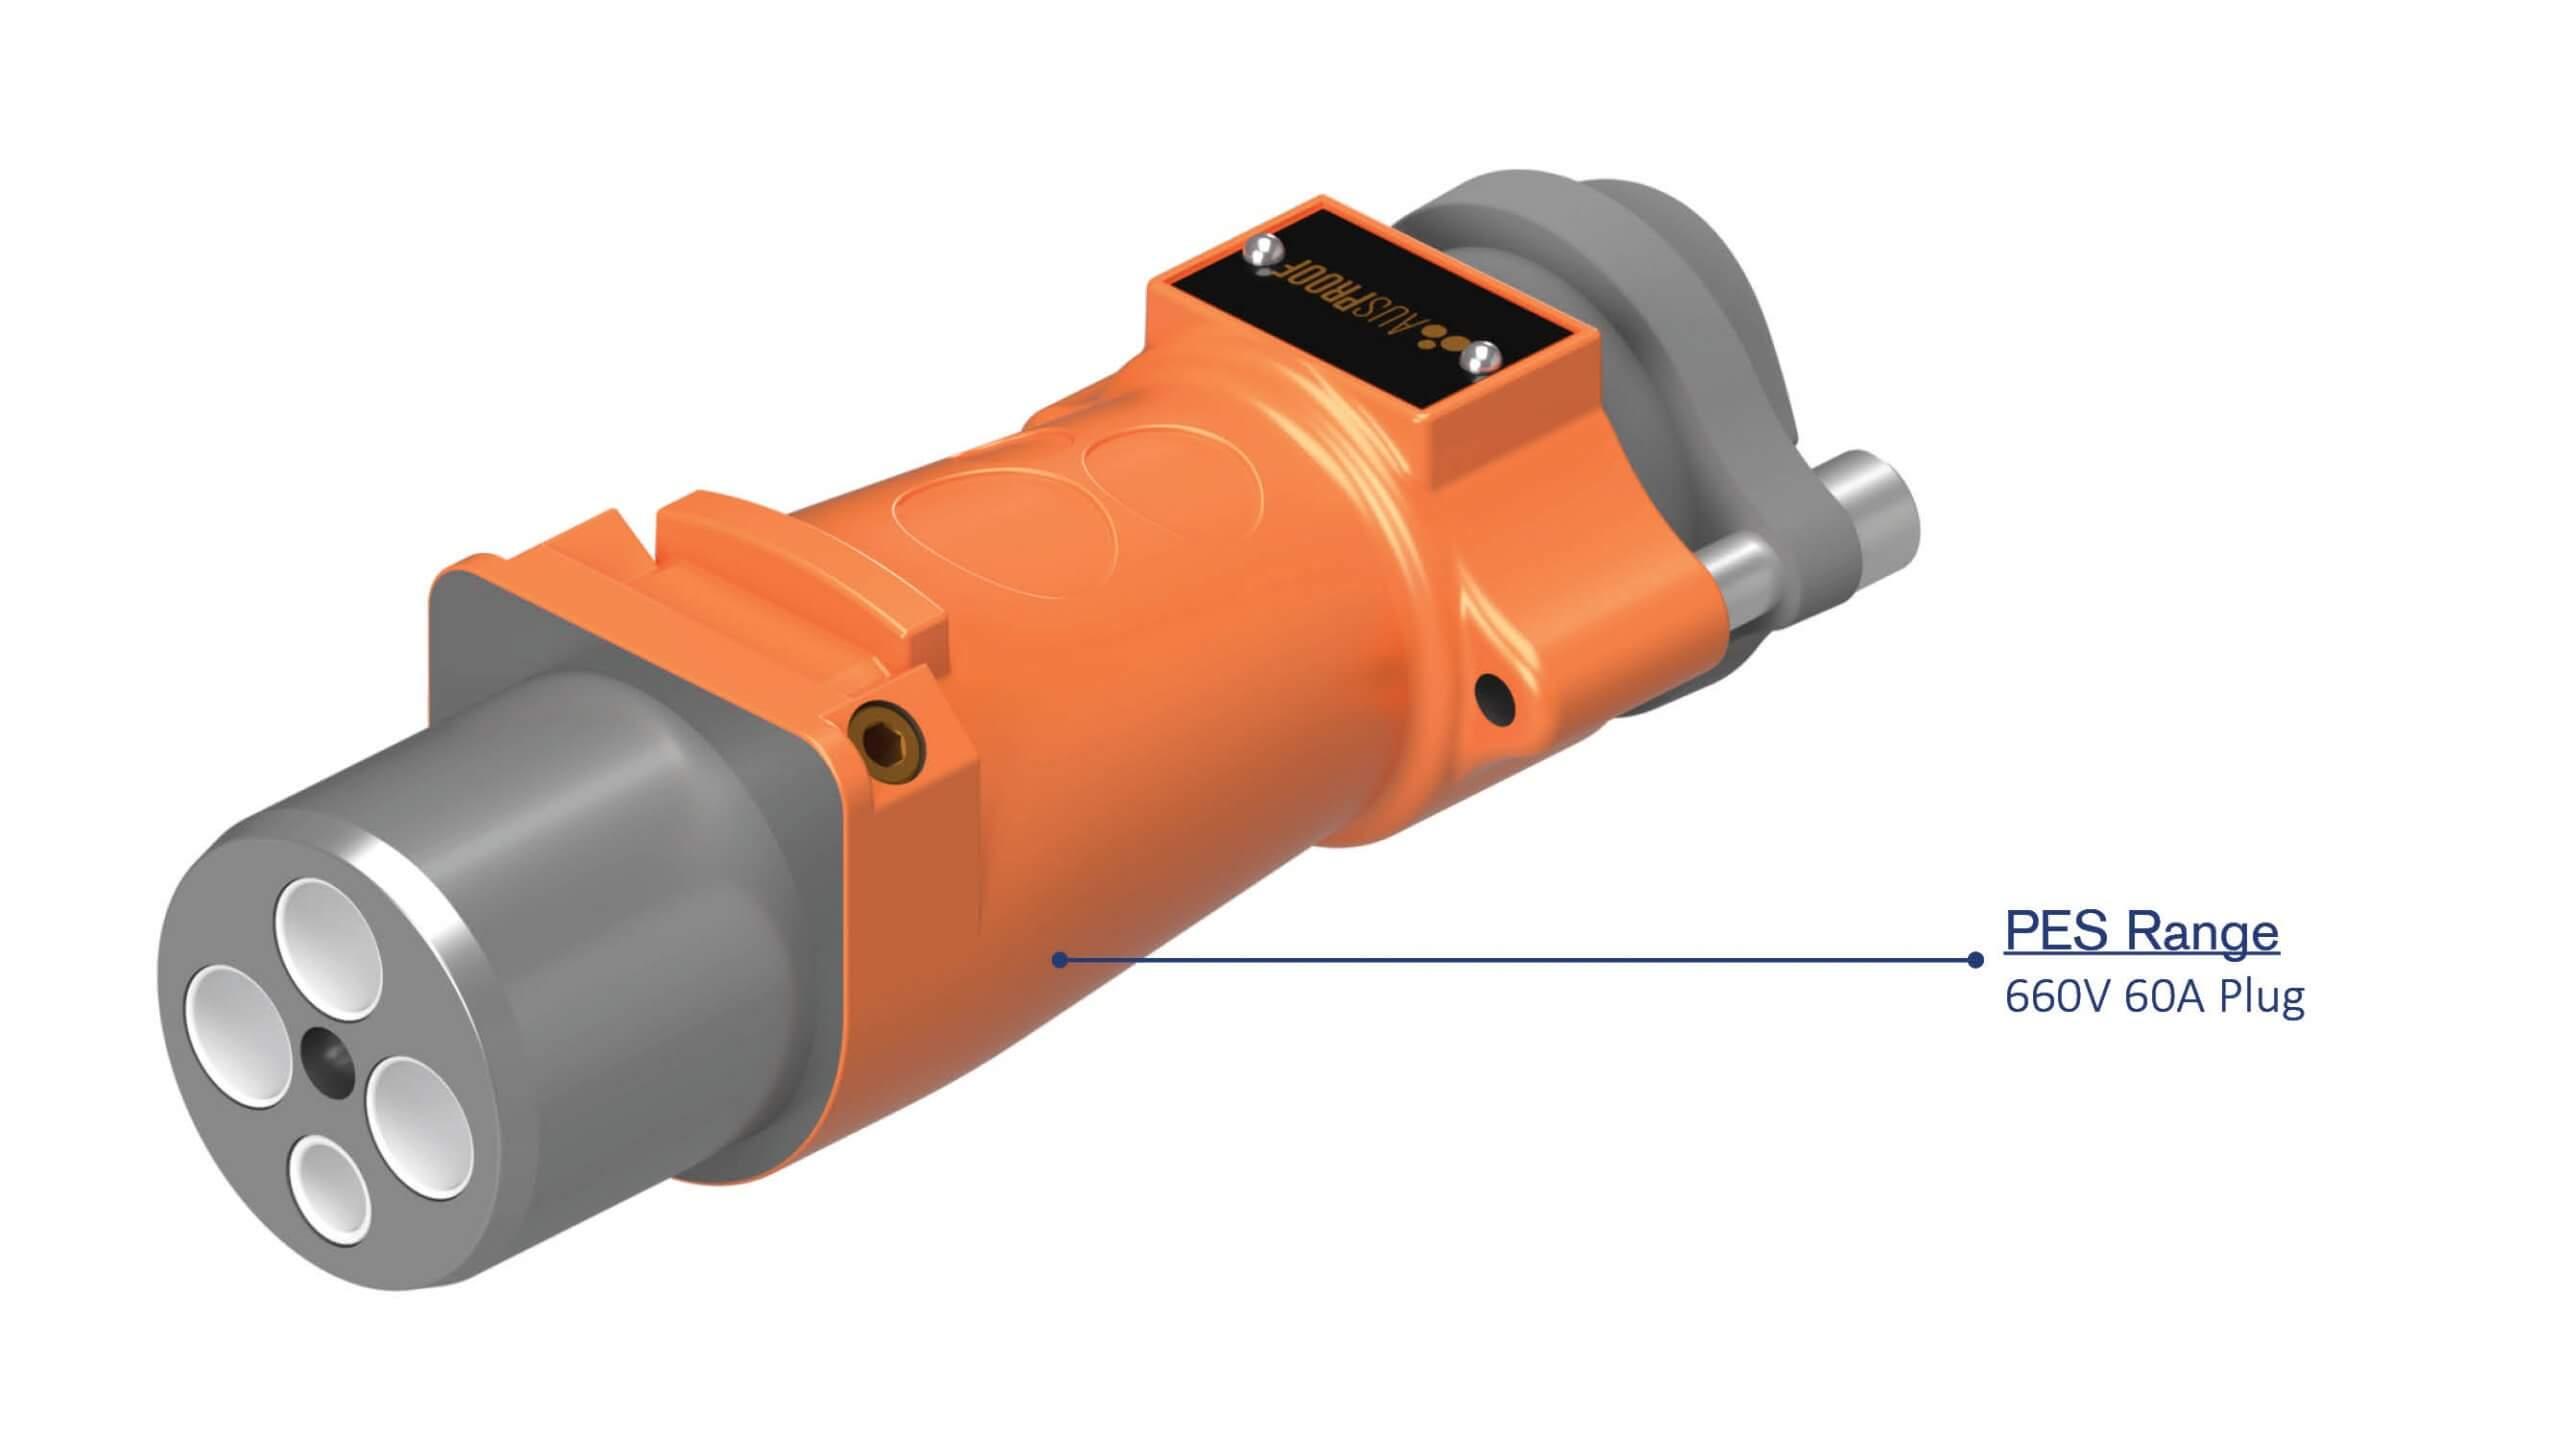 PES 660V 60A Plug